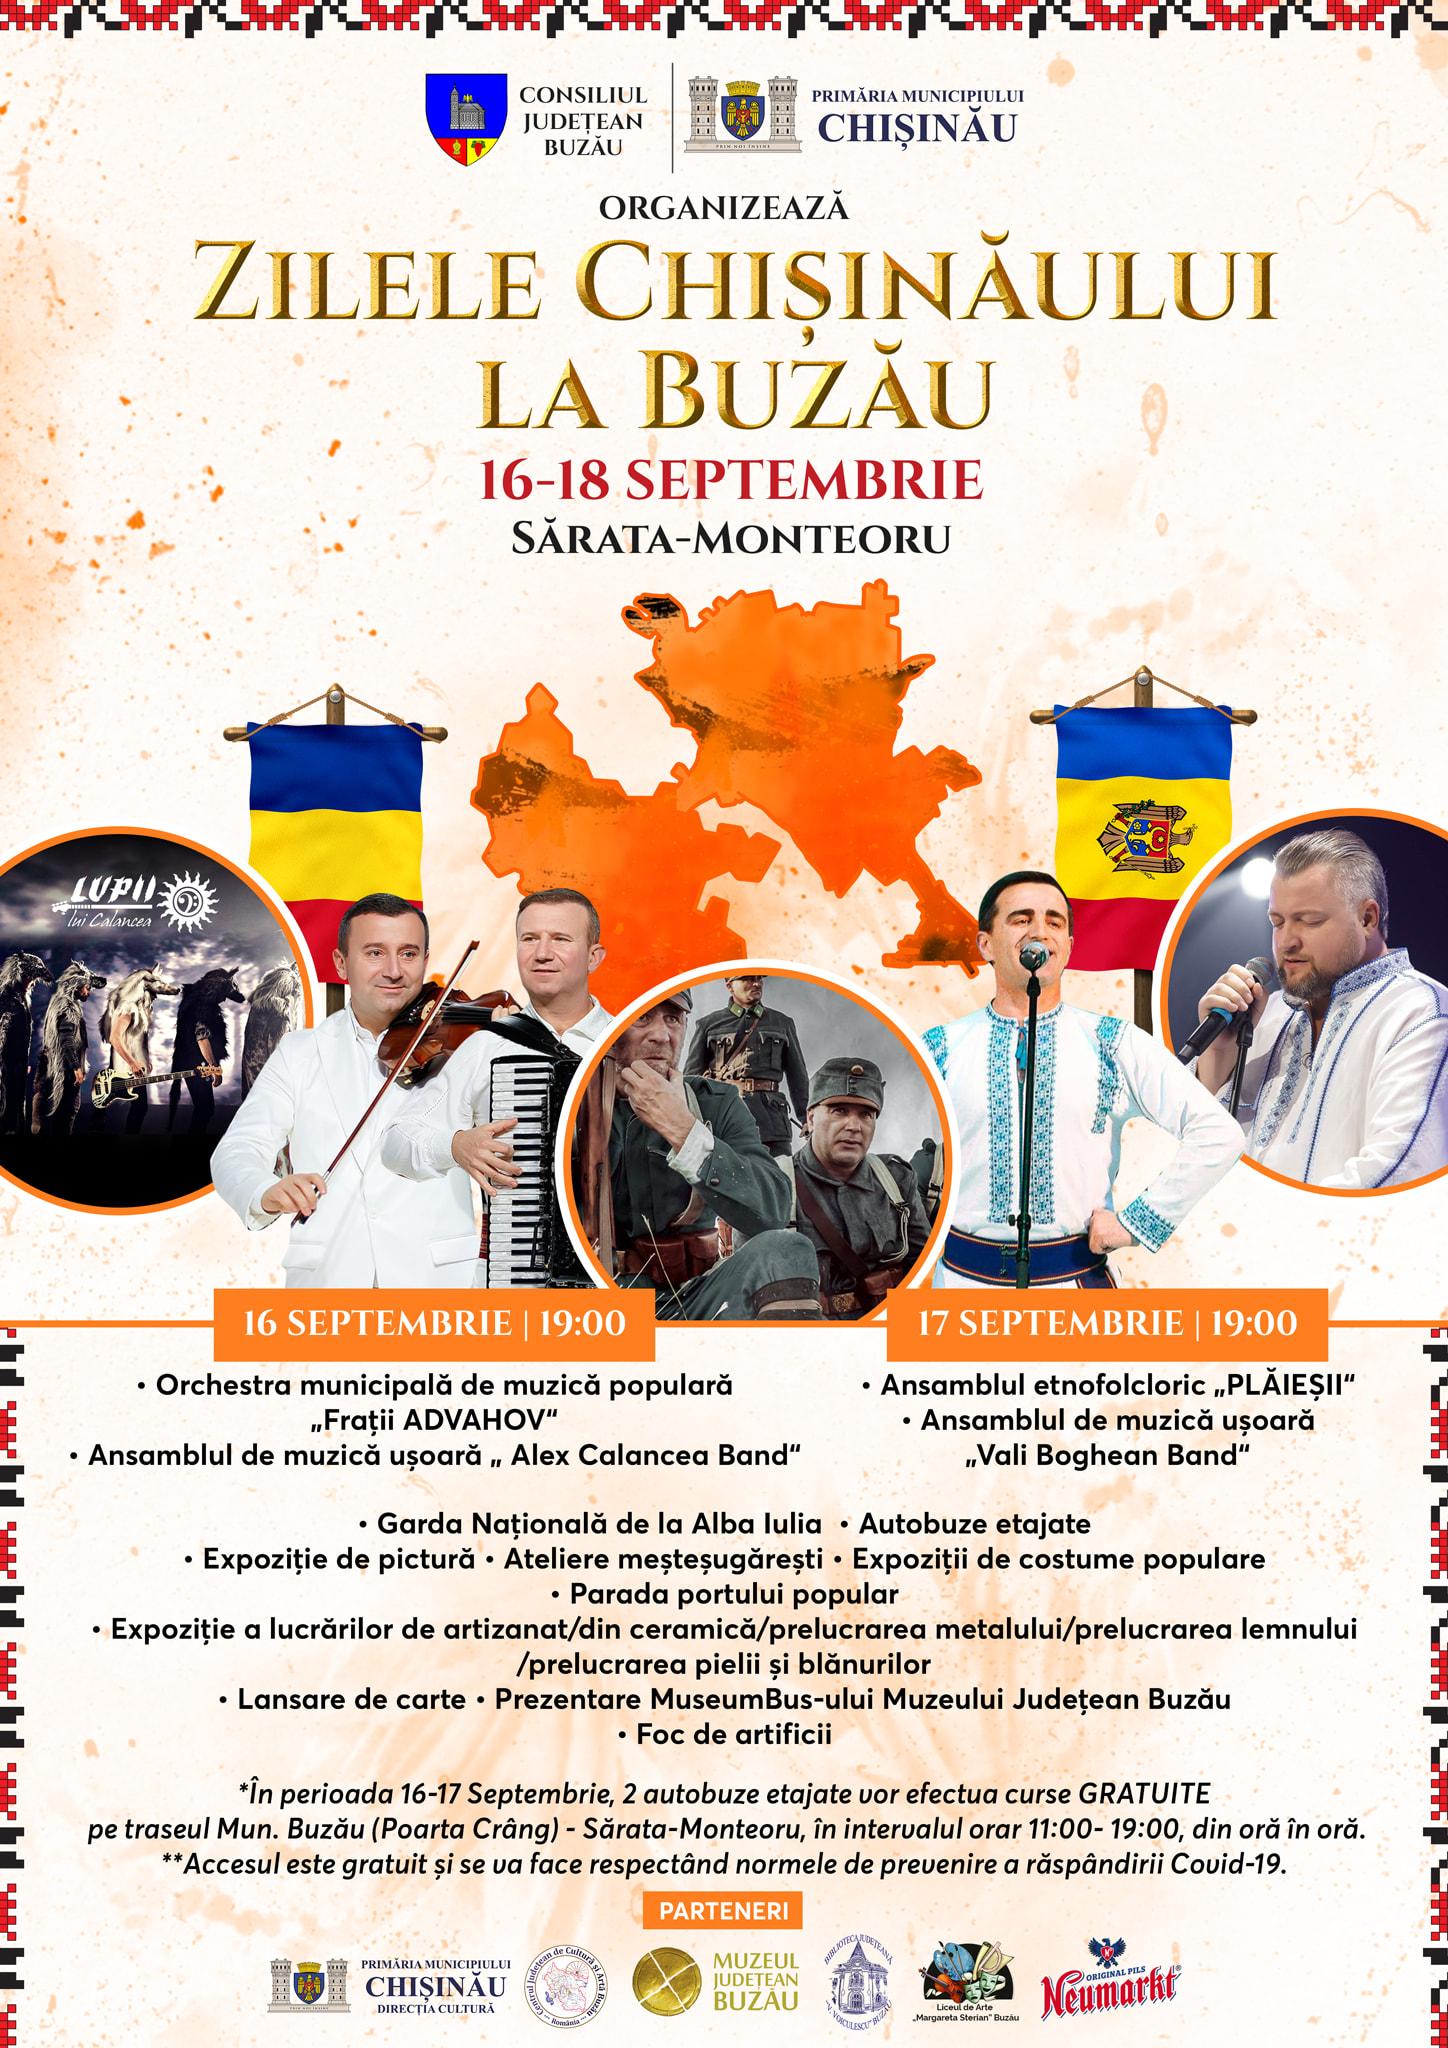 Festivalul Zilele Chisinaului 2